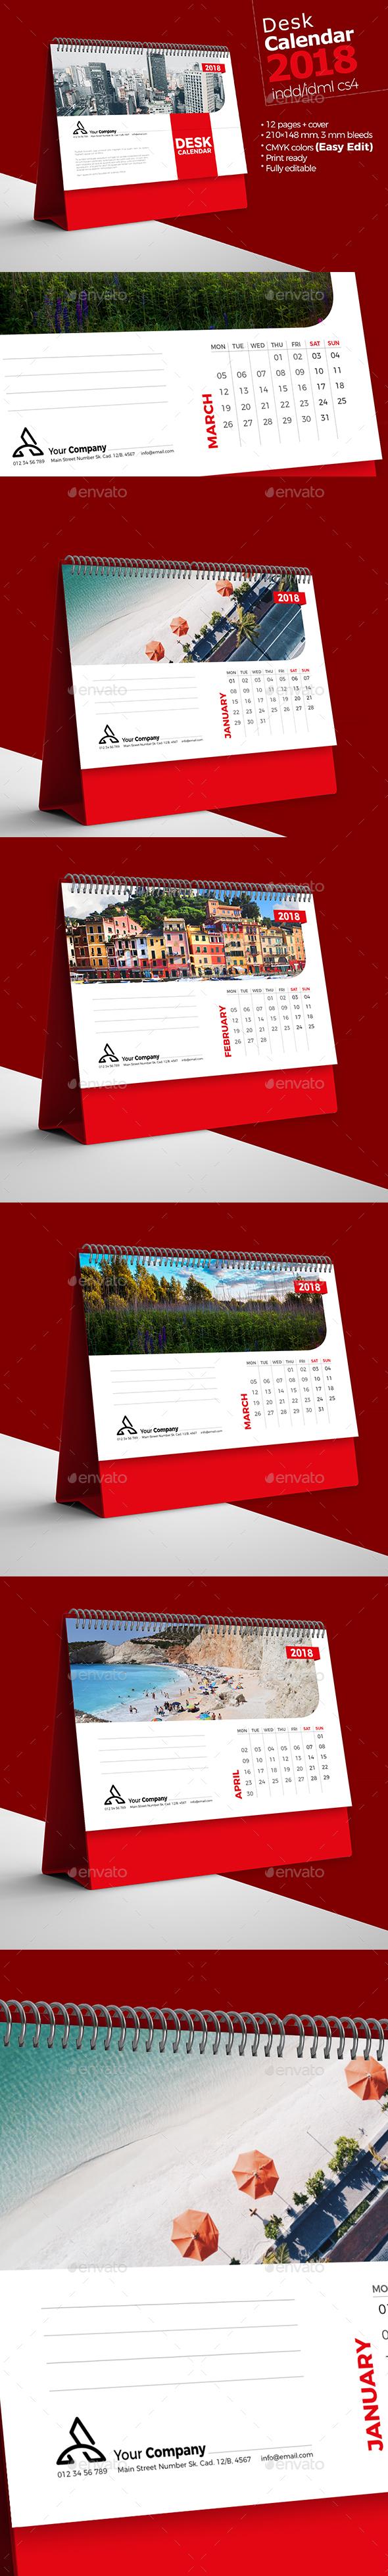 GraphicRiver Desk Calendar 2018 21047366